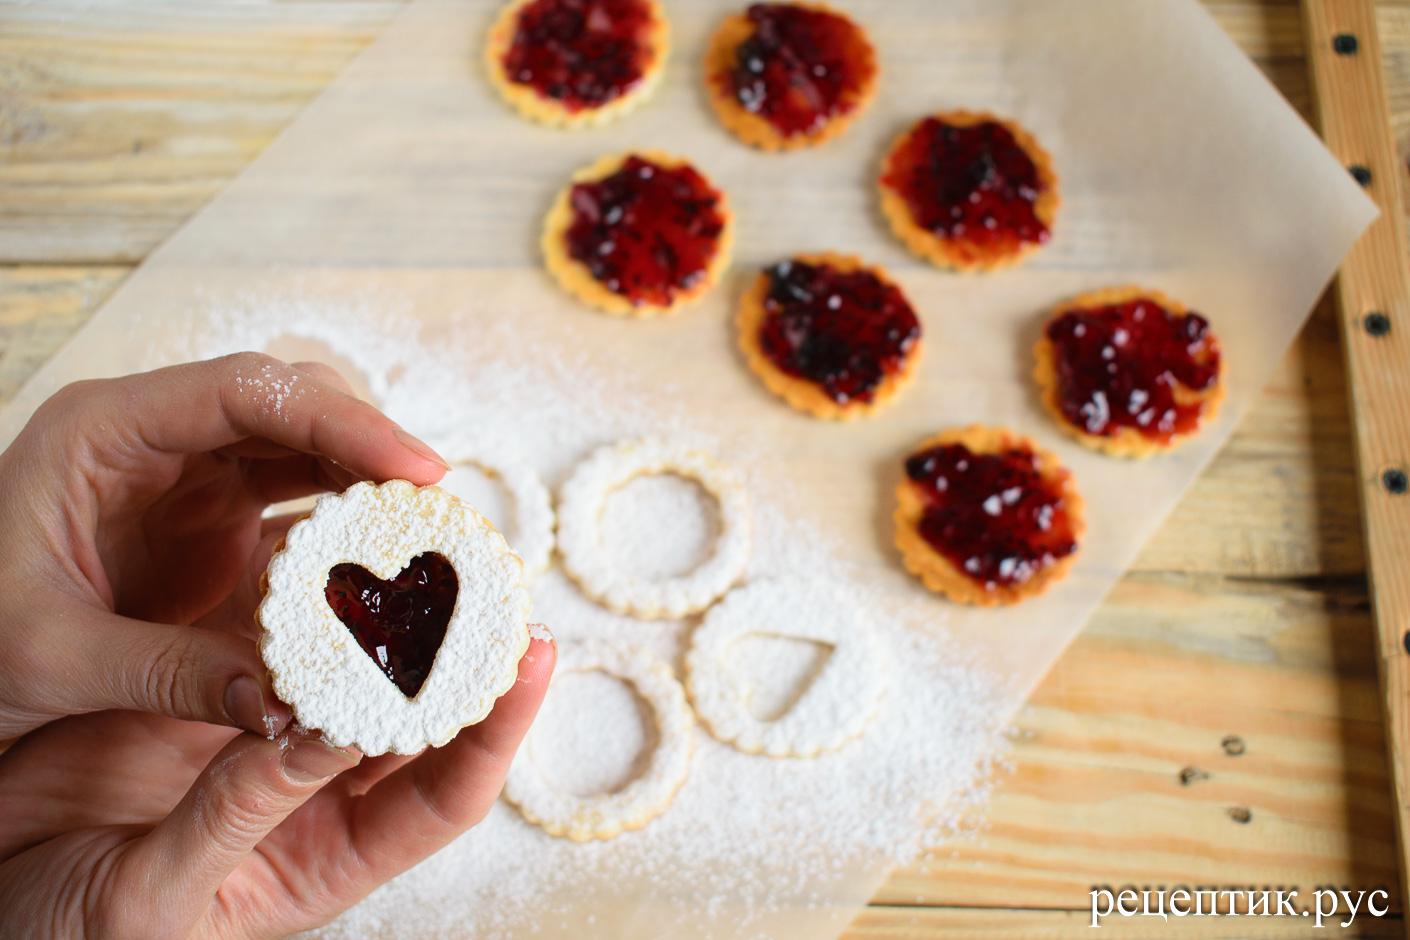 Линцерское печенье - рецепт с фото, шаг 9